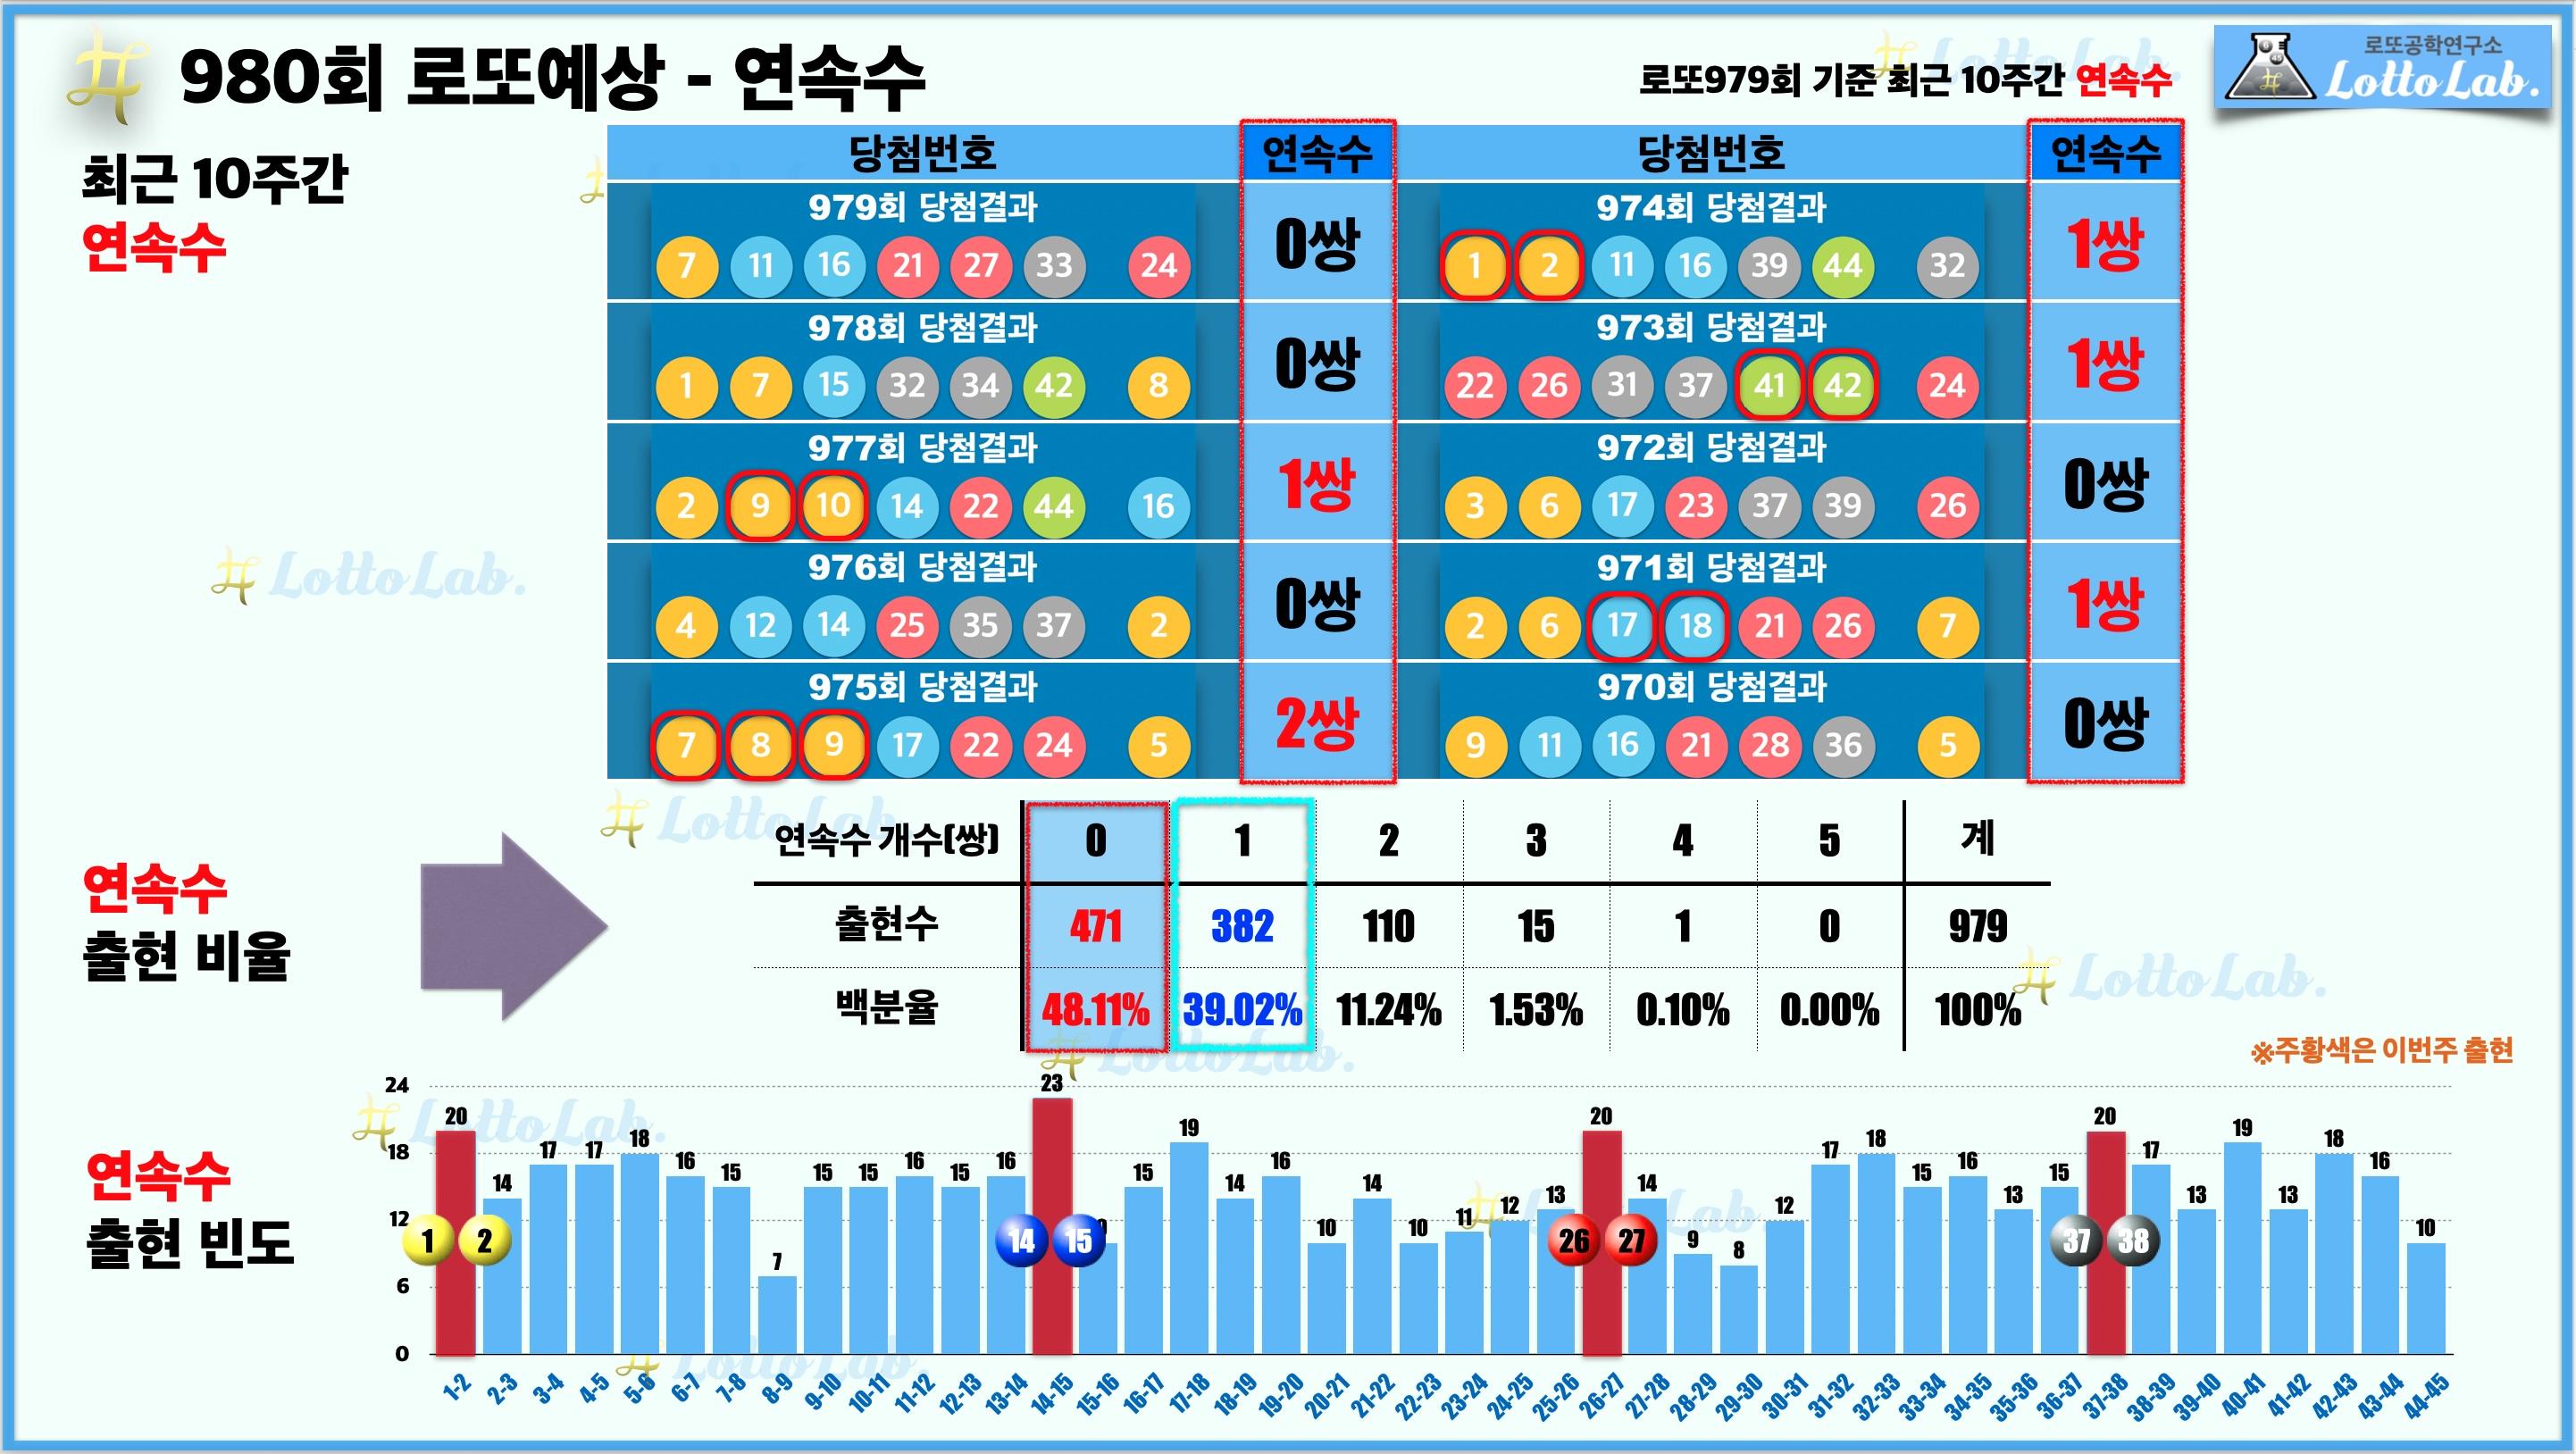 로또랩 로또980 당첨 번호 예상 - 연속수